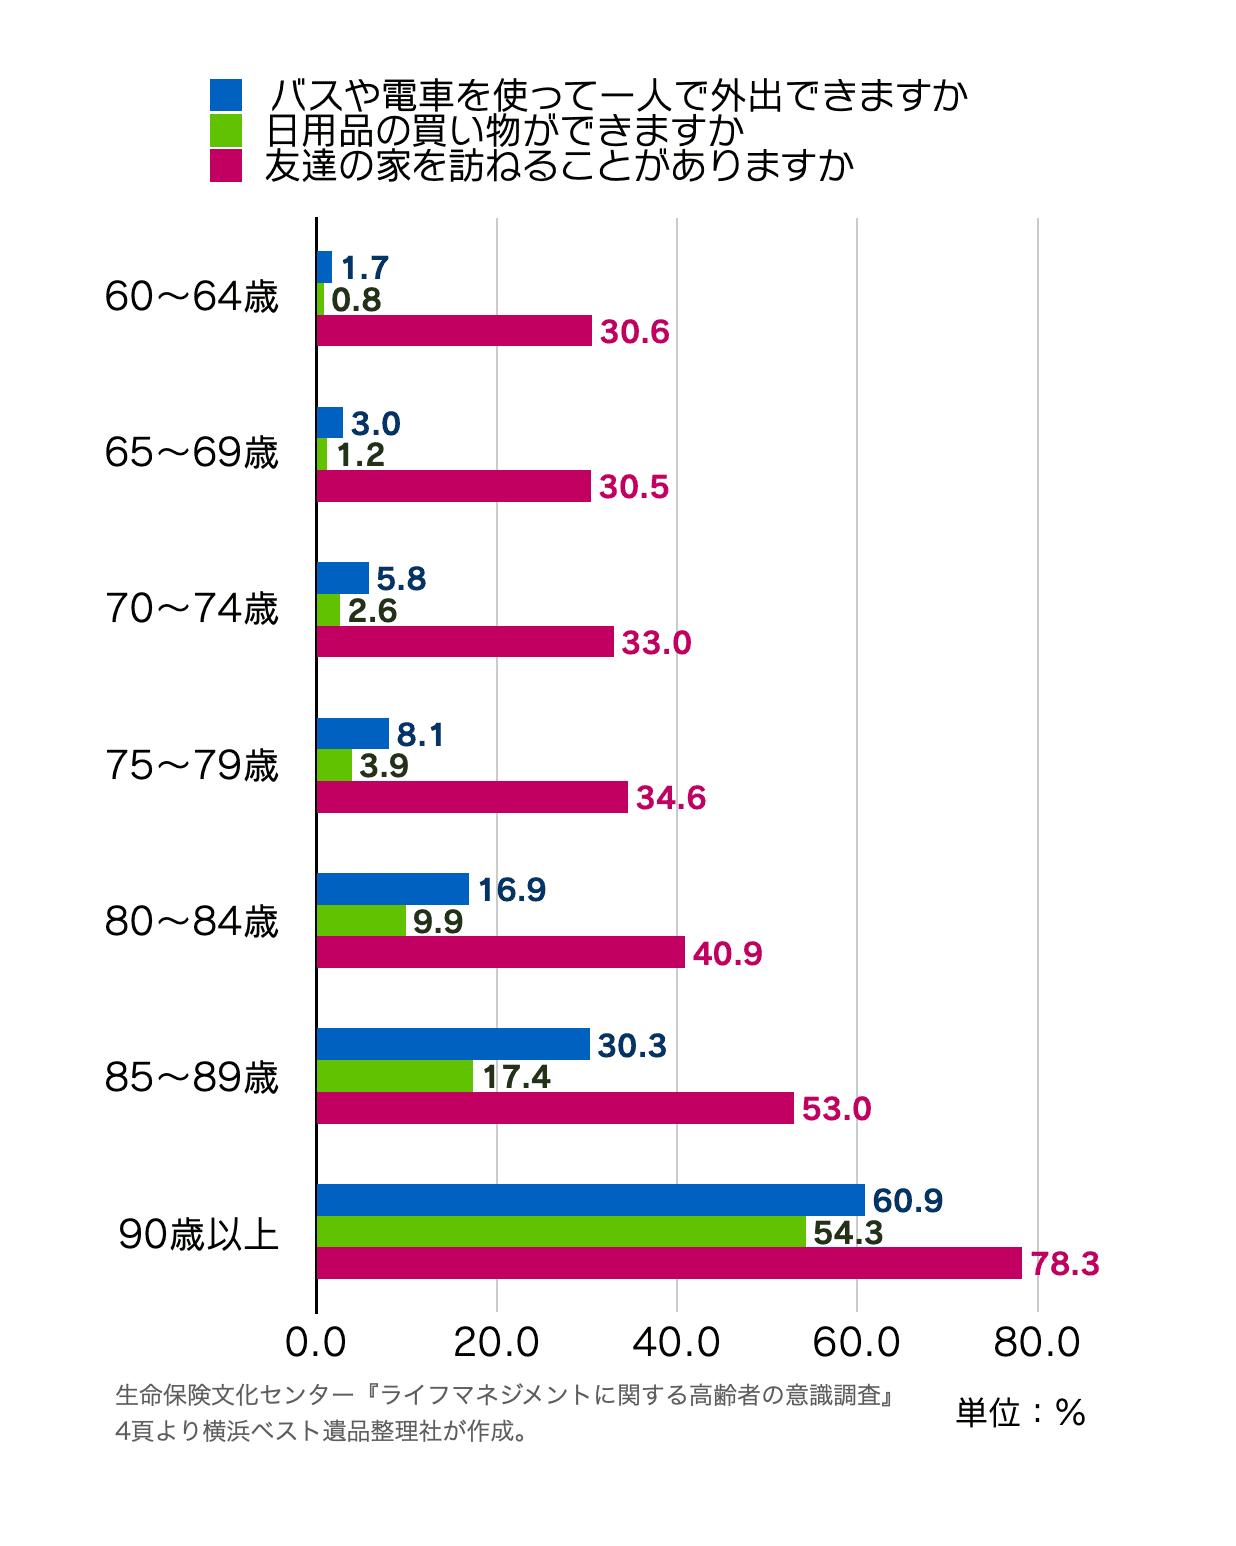 ライフマネジメントに関する高齢者の意識調査の客観的健康状態のグラフ(編者作成)